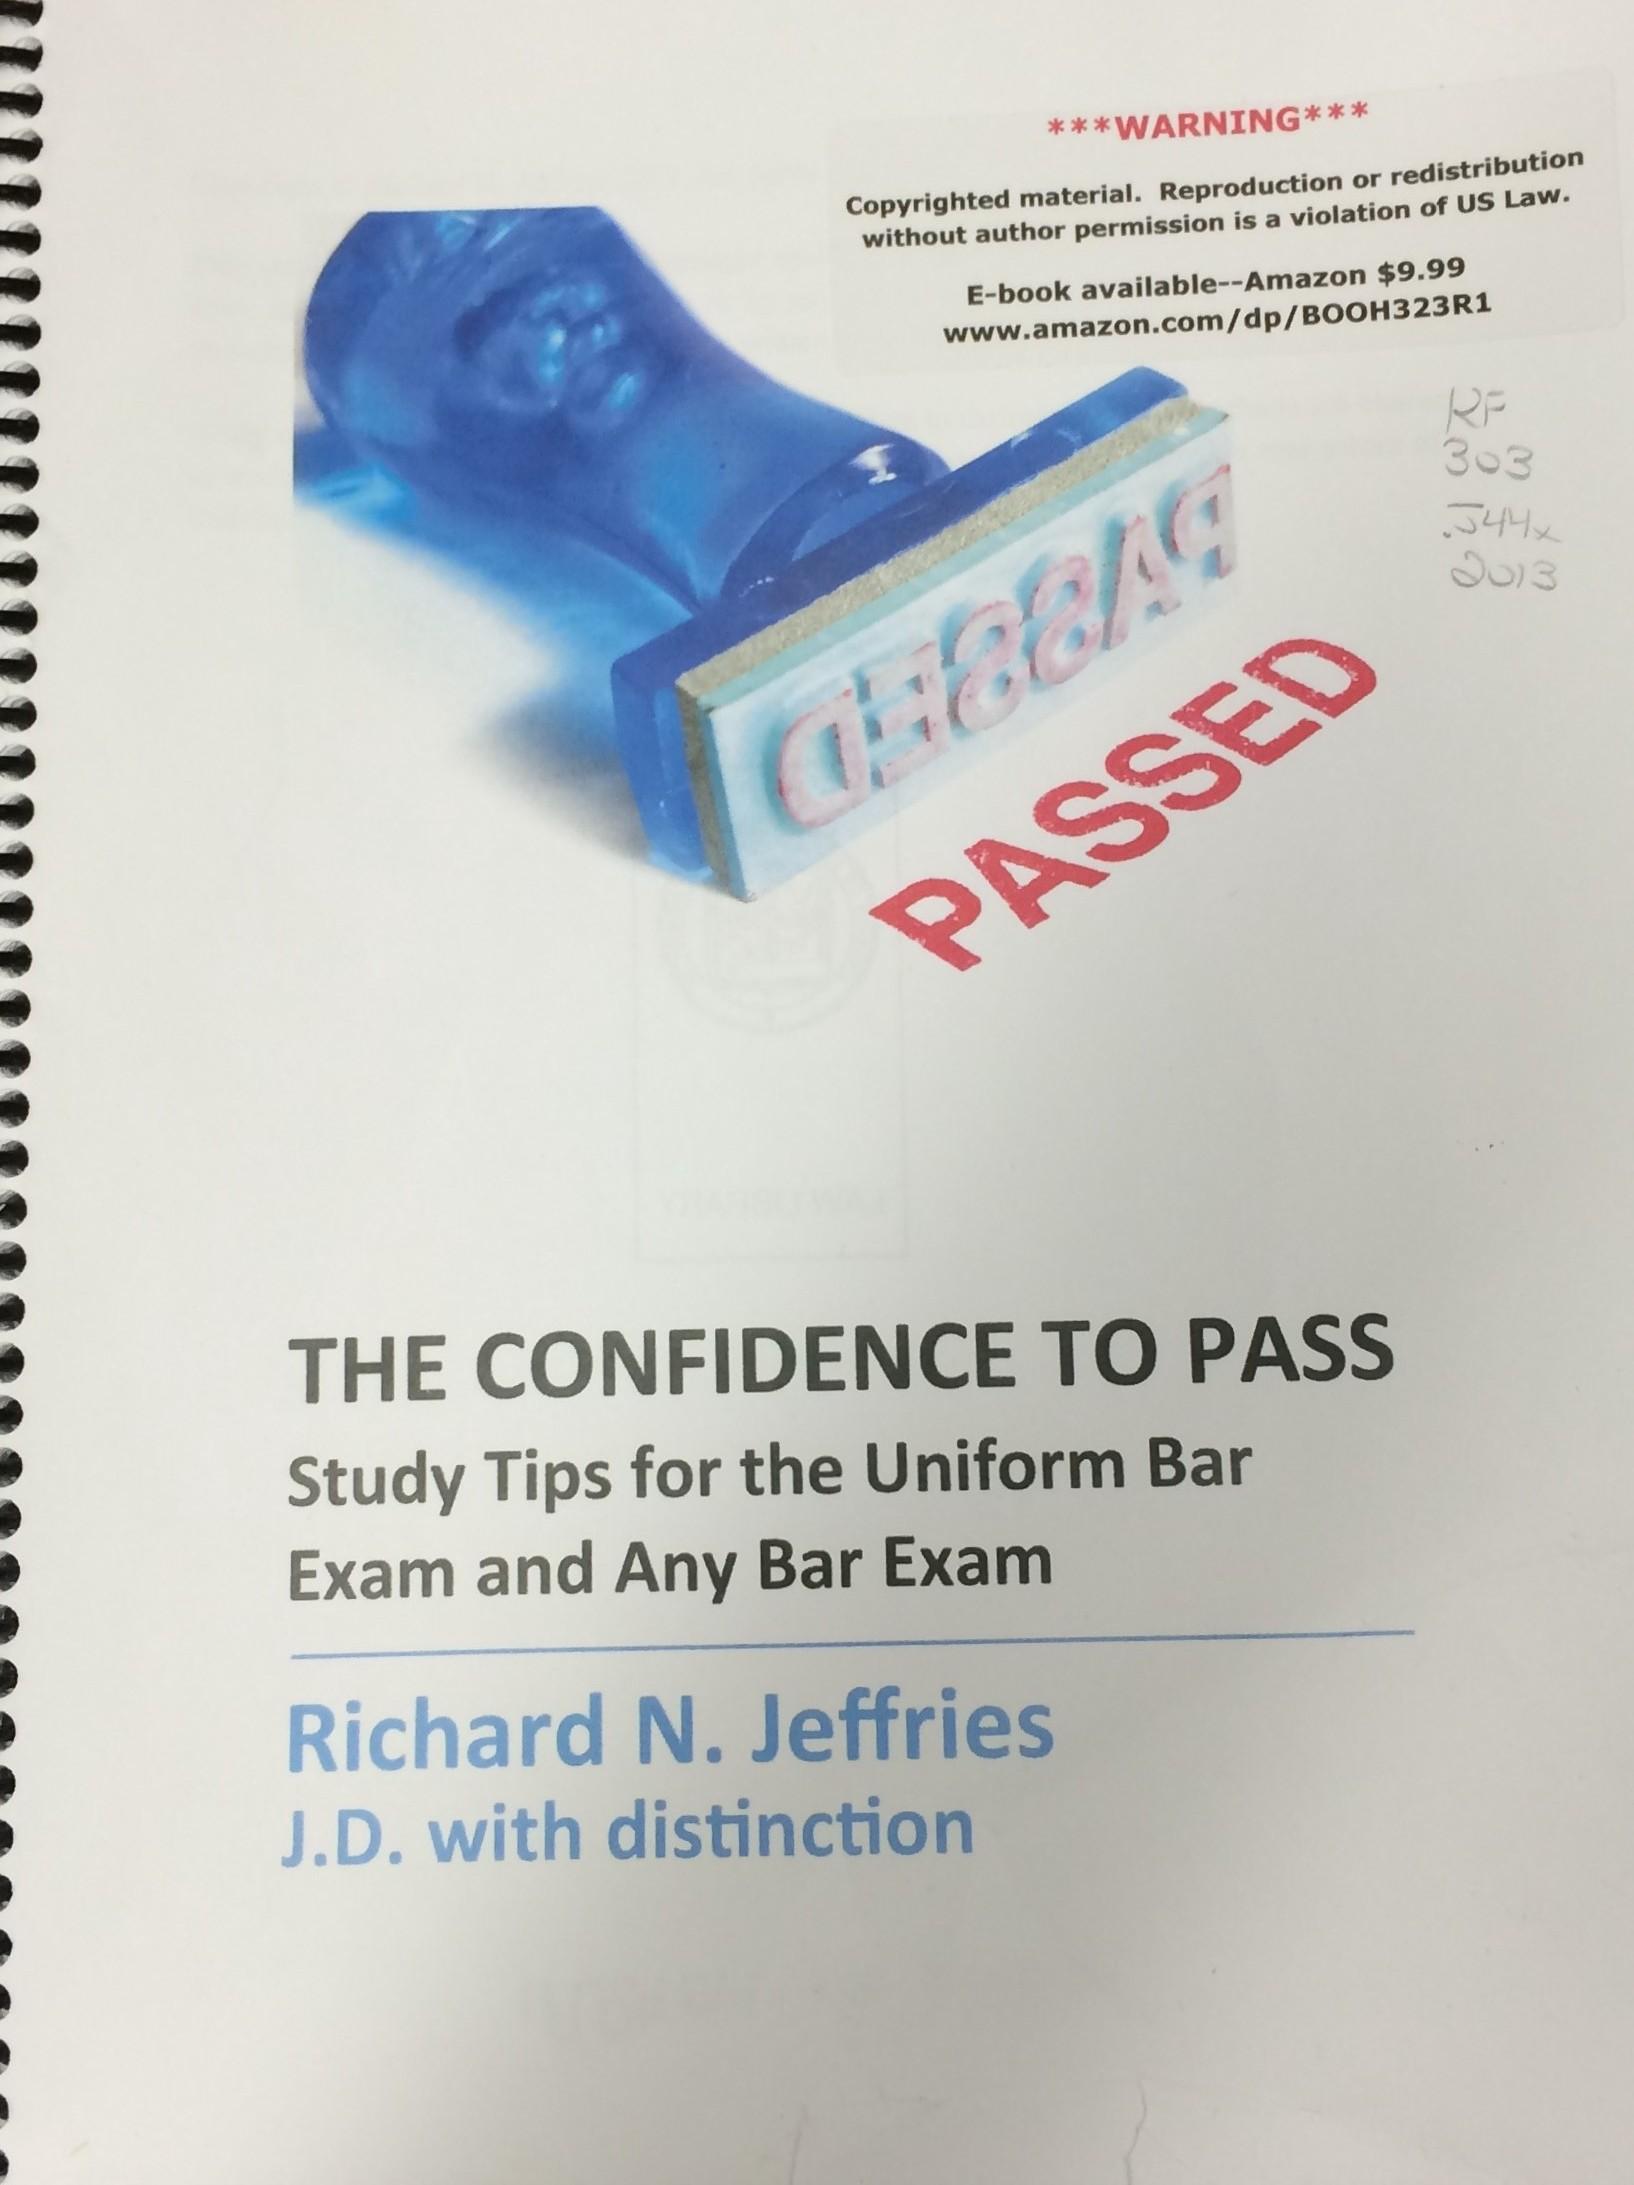 Bar Exam Materials - Study Aid Publications & Resources